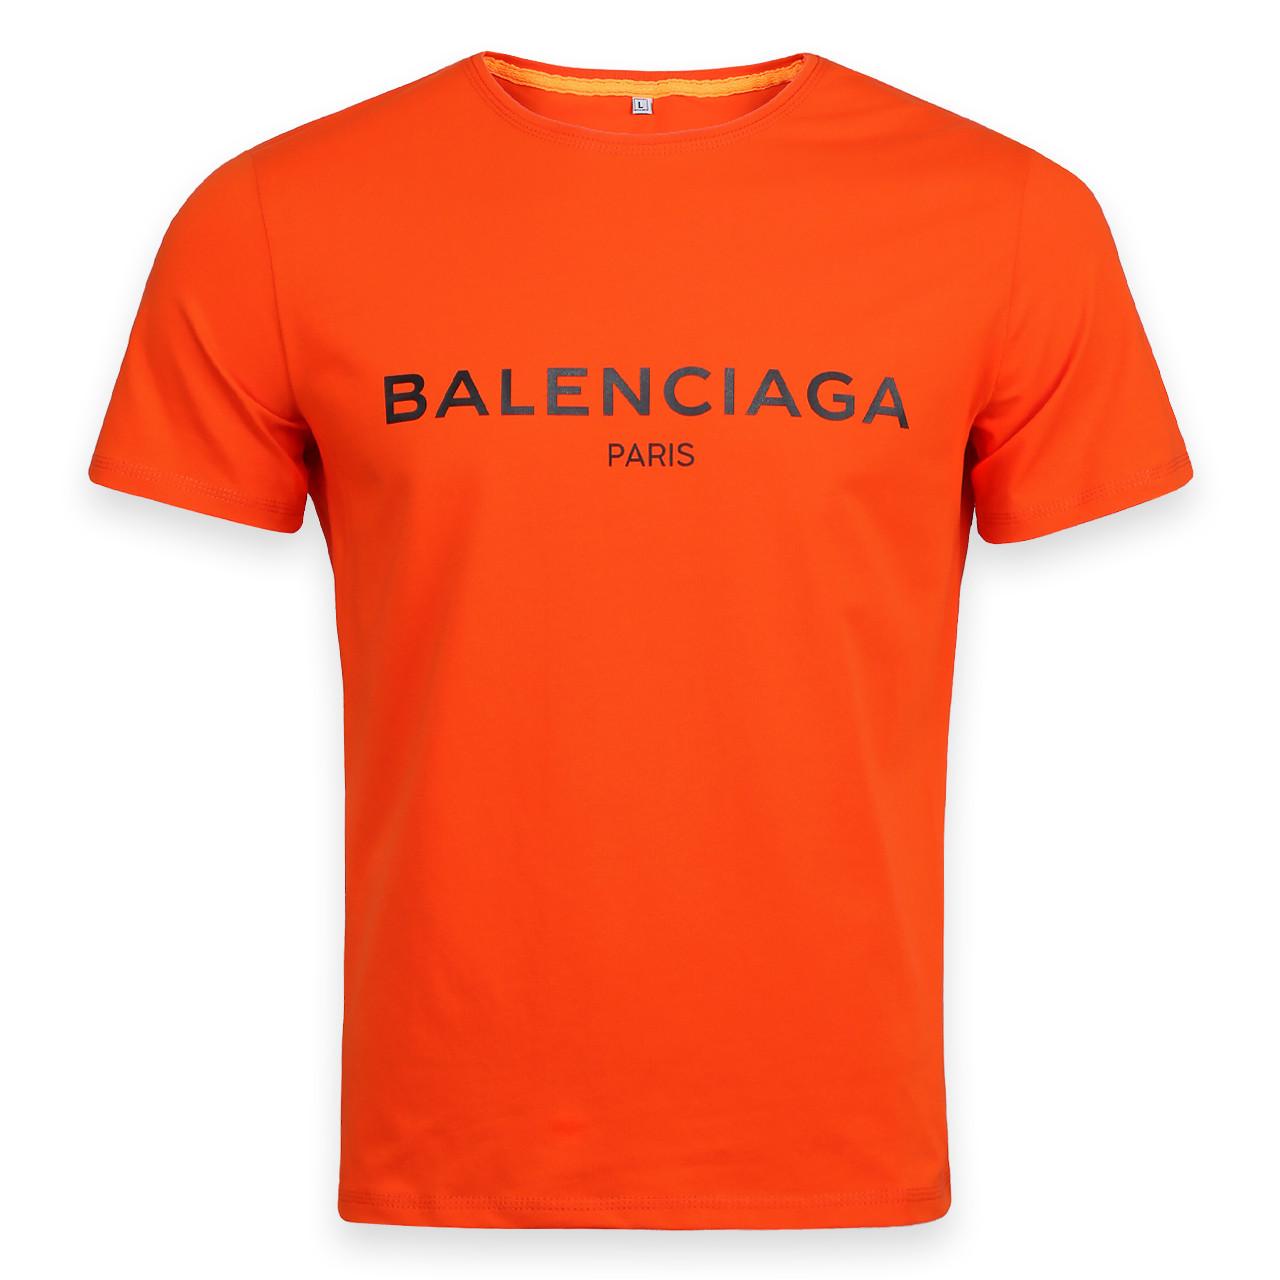 Футболка мужская оранжевая с принтом BALENCIAGA Ф-10 ORN XXL(Р) 19-646-020